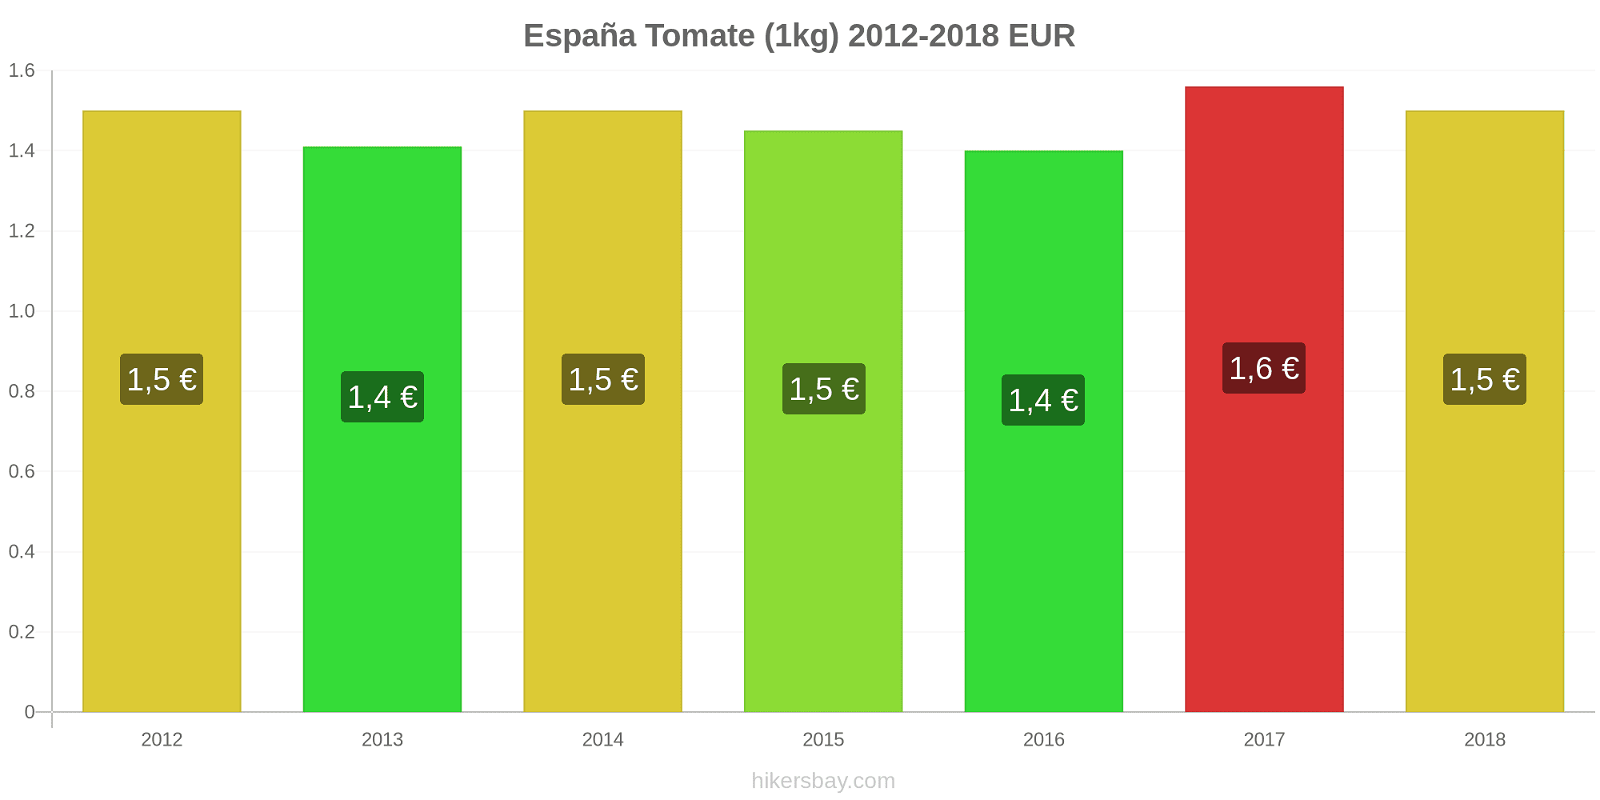 España cambios de precios Tomate (1kg) hikersbay.com